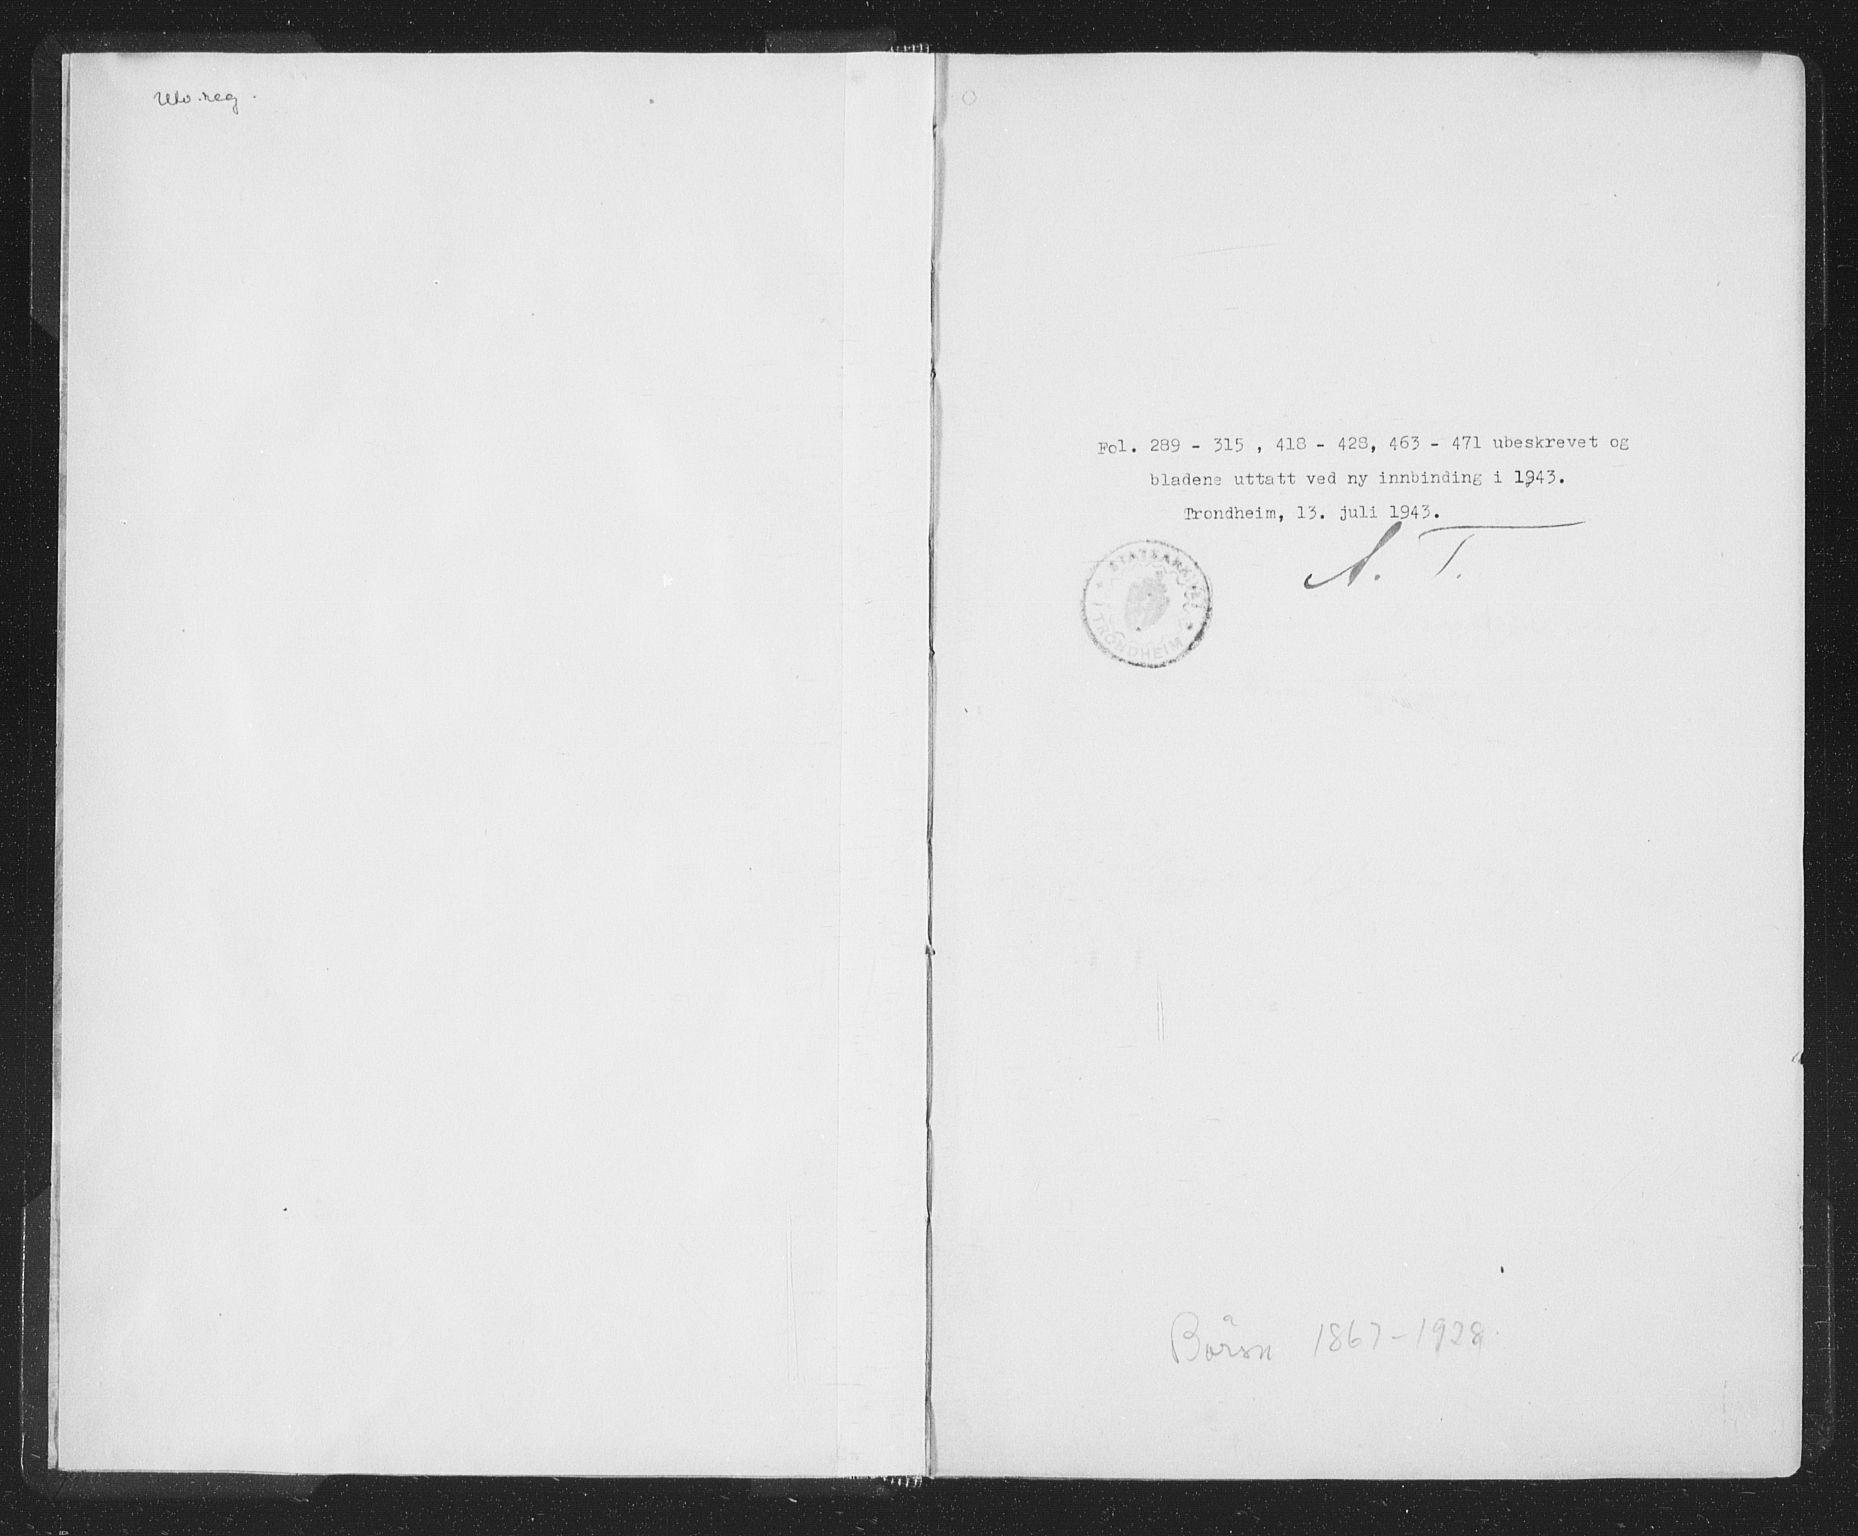 SAT, Ministerialprotokoller, klokkerbøker og fødselsregistre - Sør-Trøndelag, 667/L0798: Klokkerbok nr. 667C03, 1867-1929